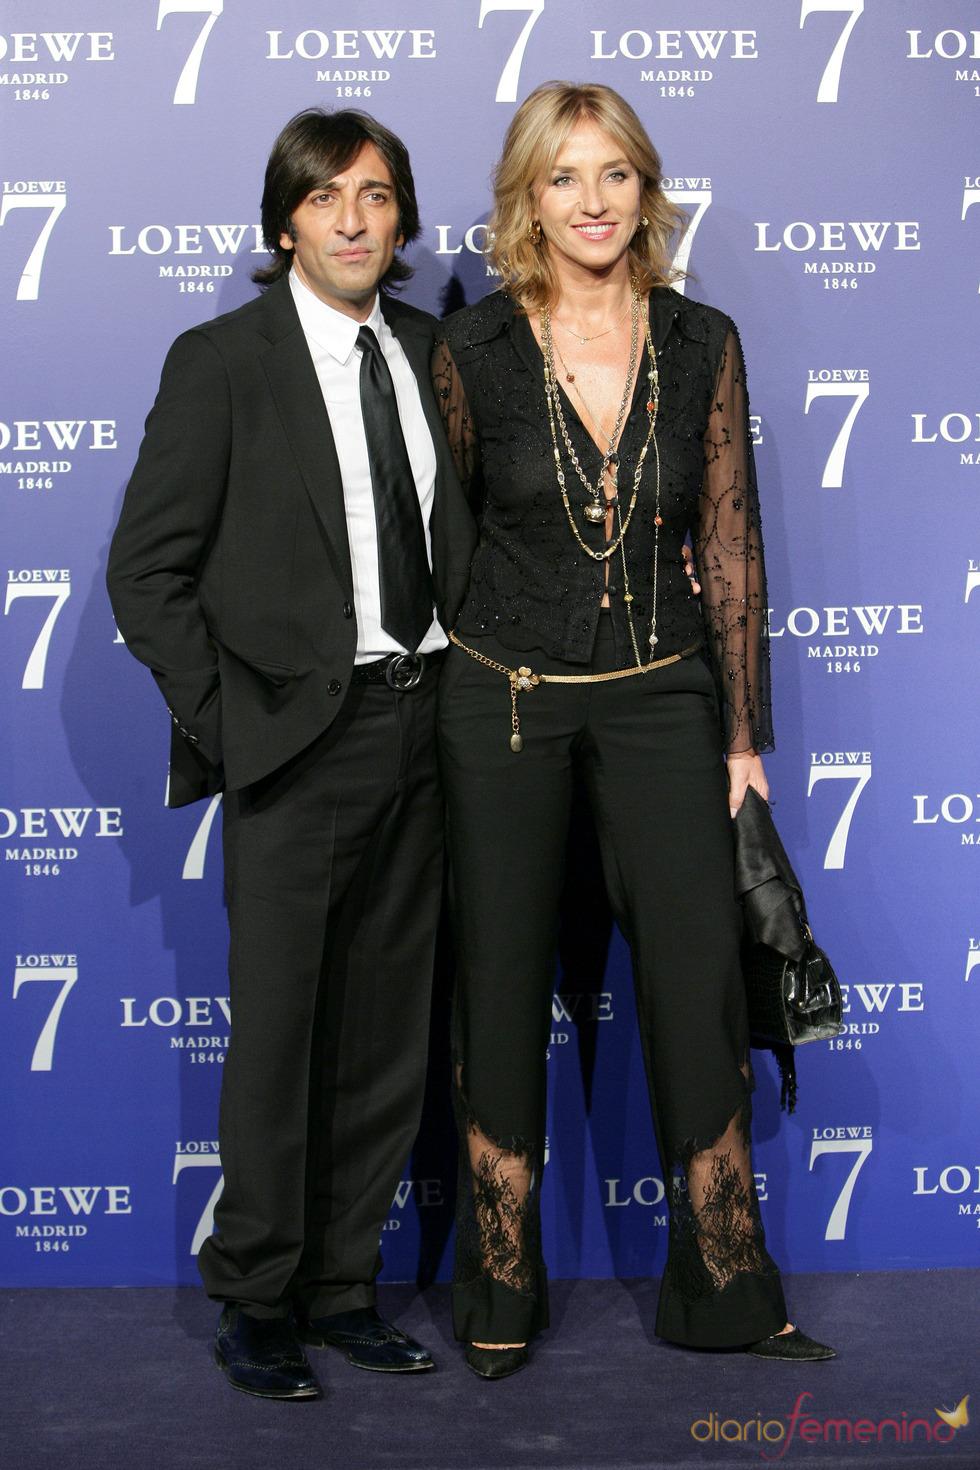 Antonio Carmona y su mujer en la presentación de la fragancia 7 de Loewe Madrid